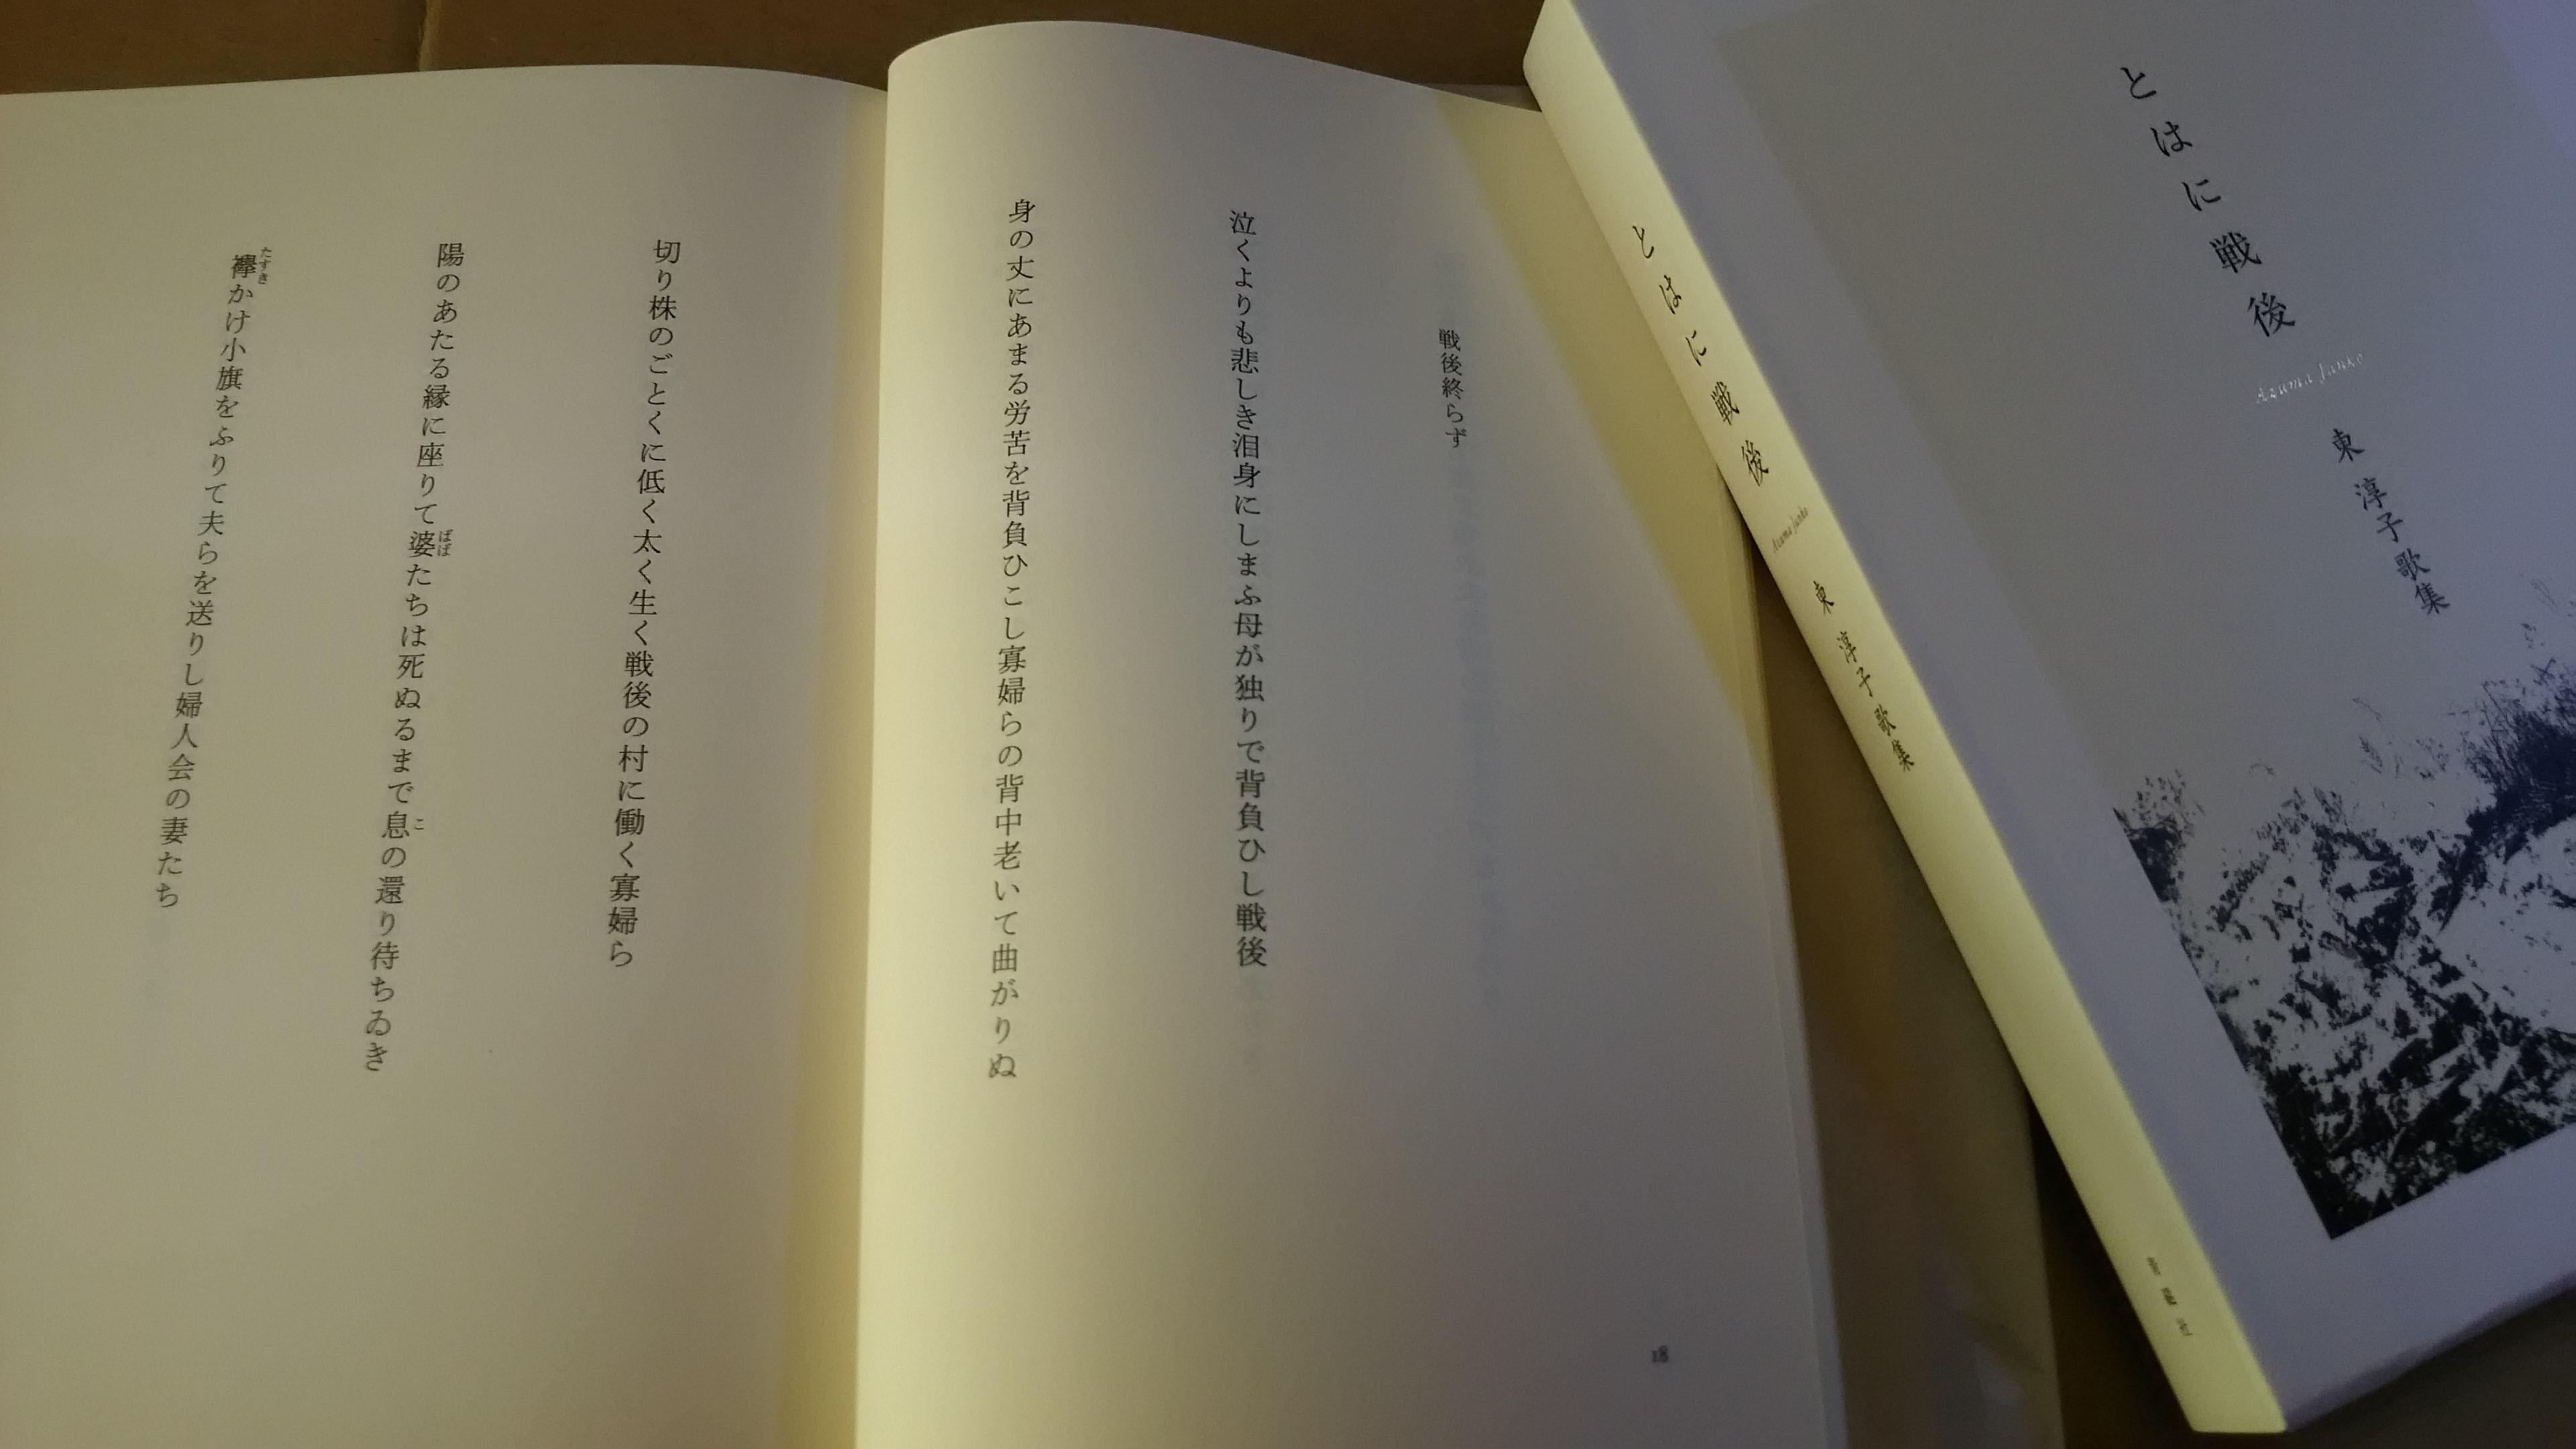 『とはに戦後』を読みつつ「日本青年」旧号を思う_c0216213_14502249.jpg